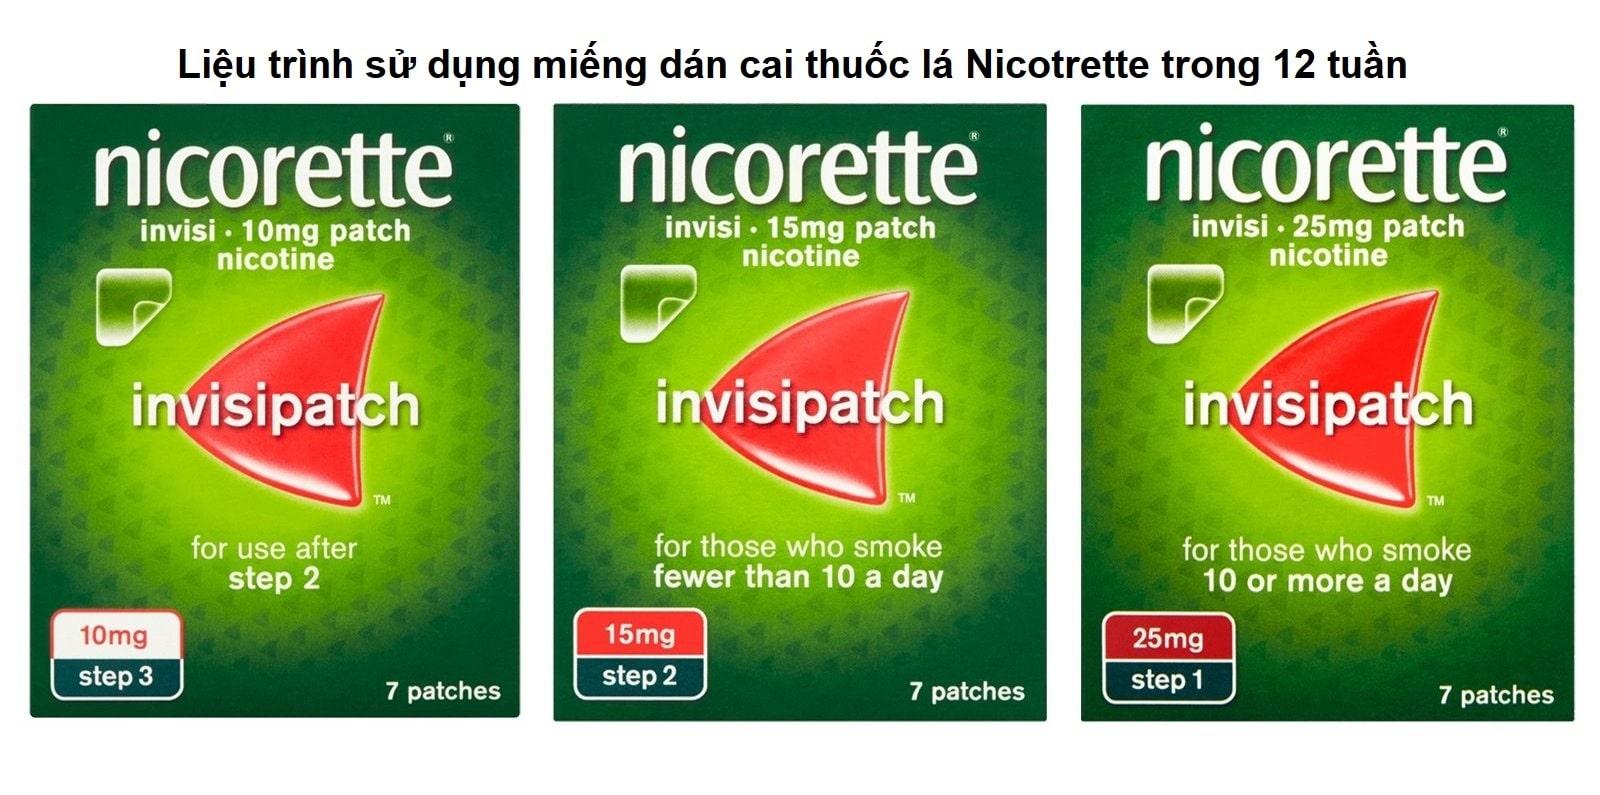 Liệu trình sử dụng miếng dán cai thuốc lá